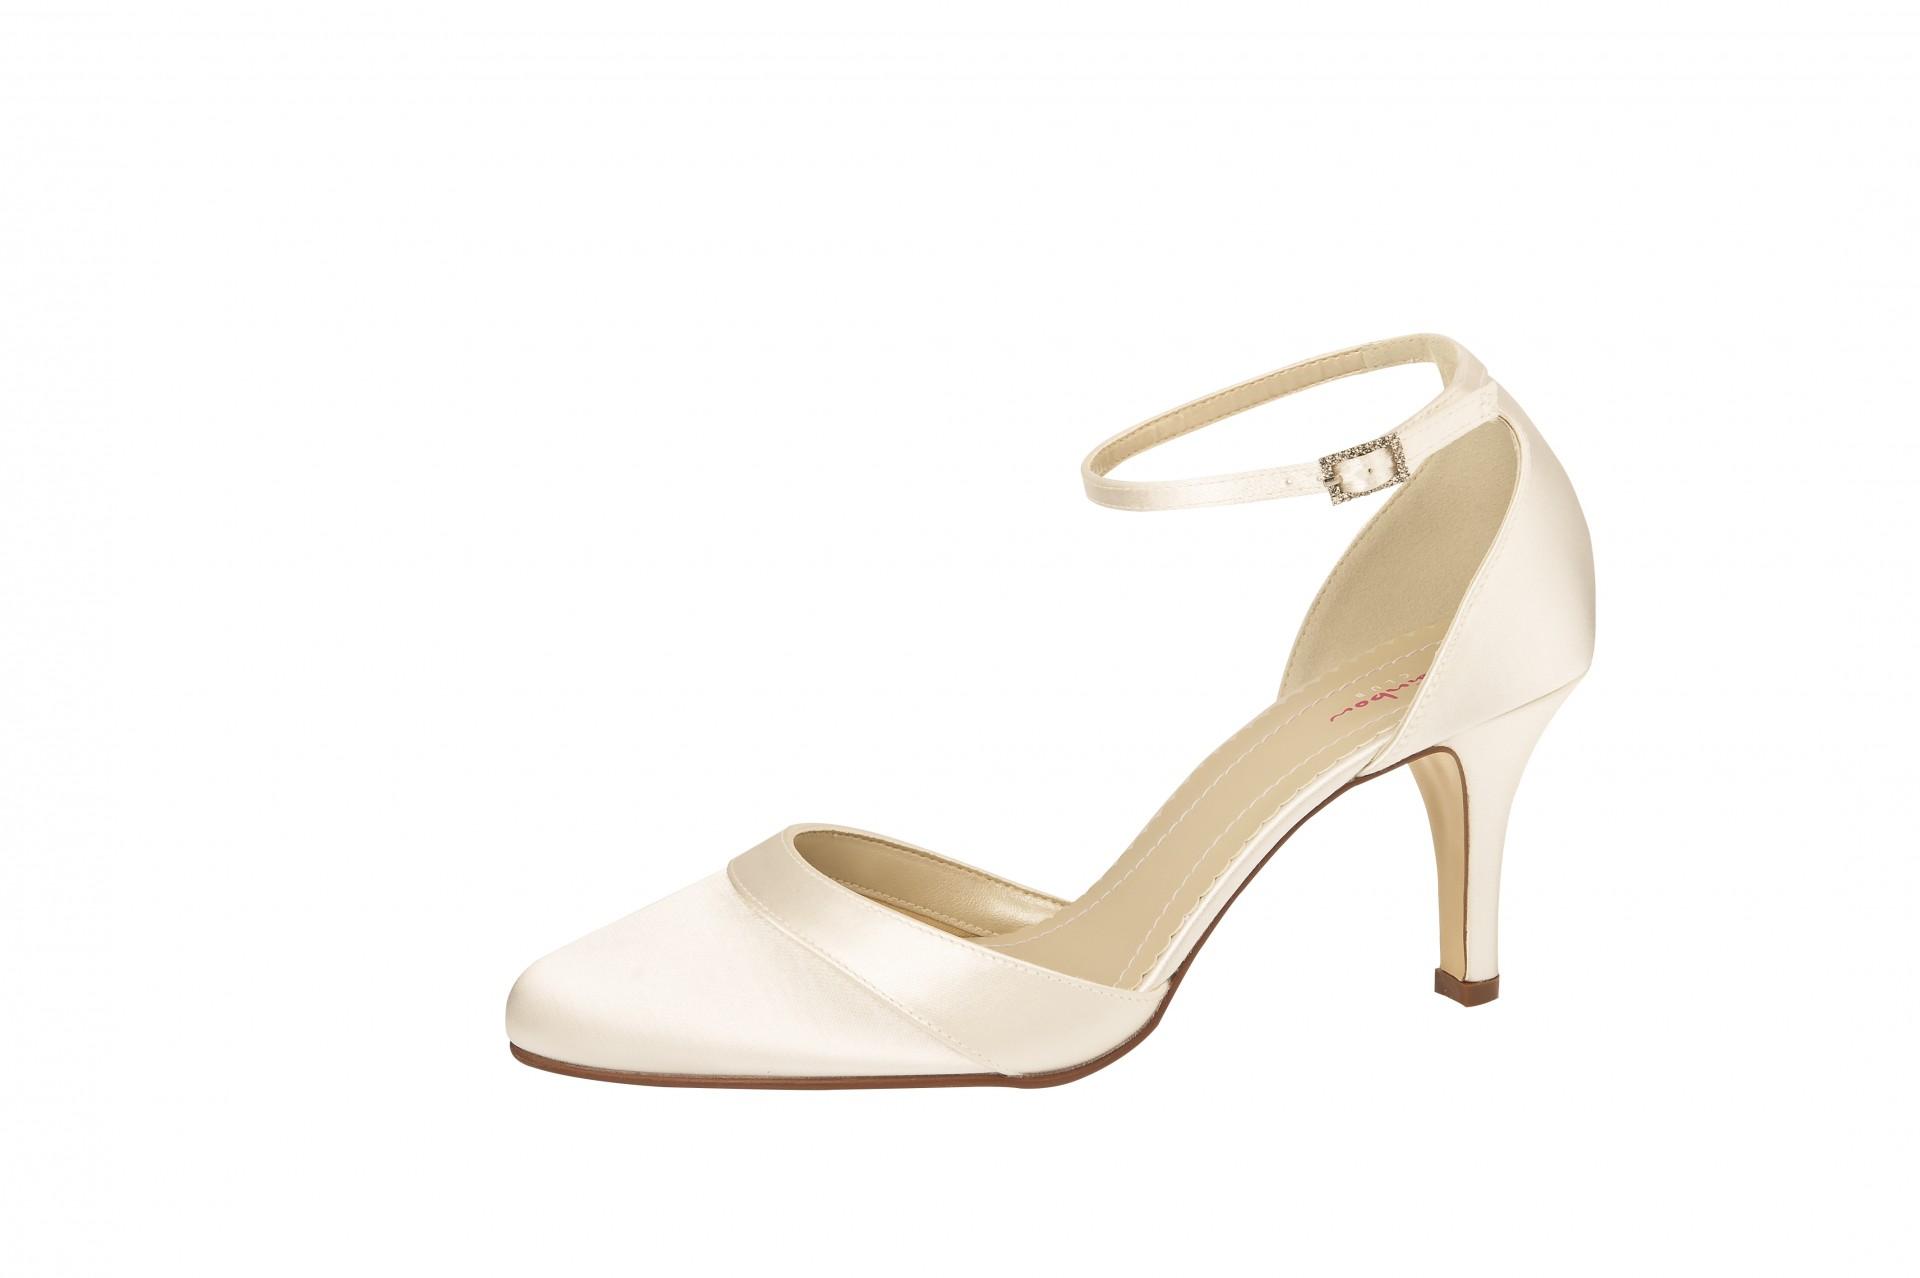 Elsa Coloured Shoes: Amanda